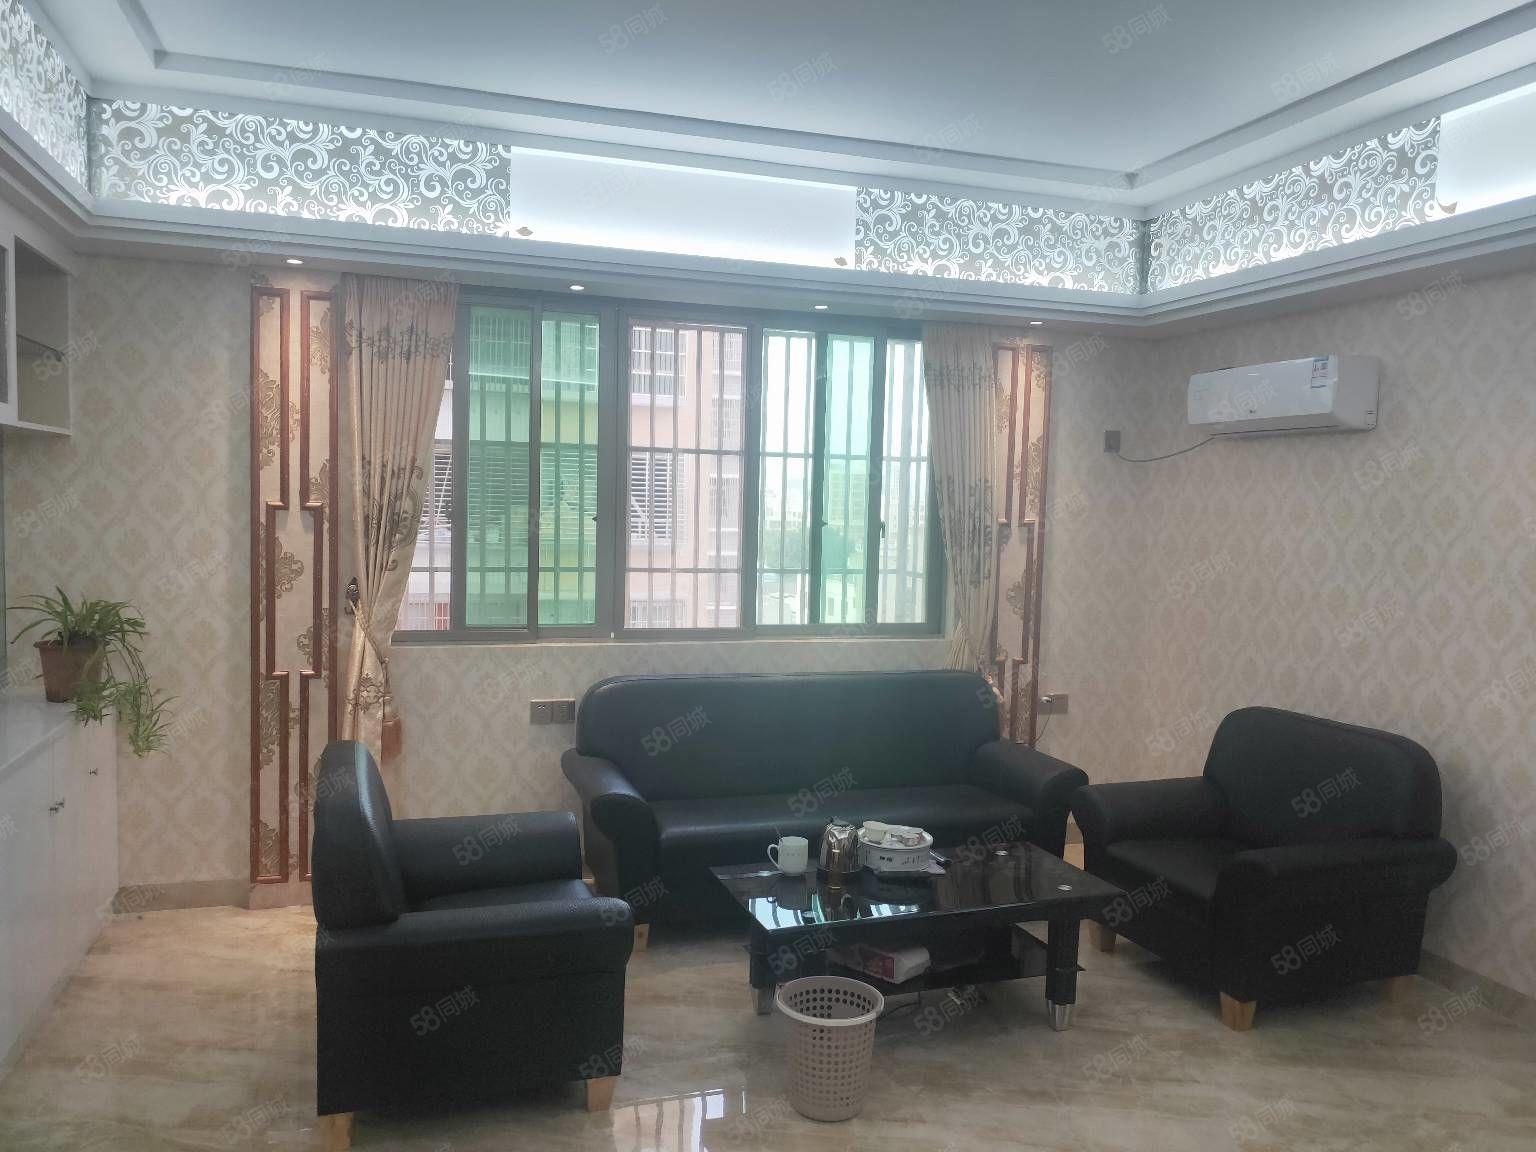 出售榕东阳光雅居一手电梯3房新中式仅售43.8万